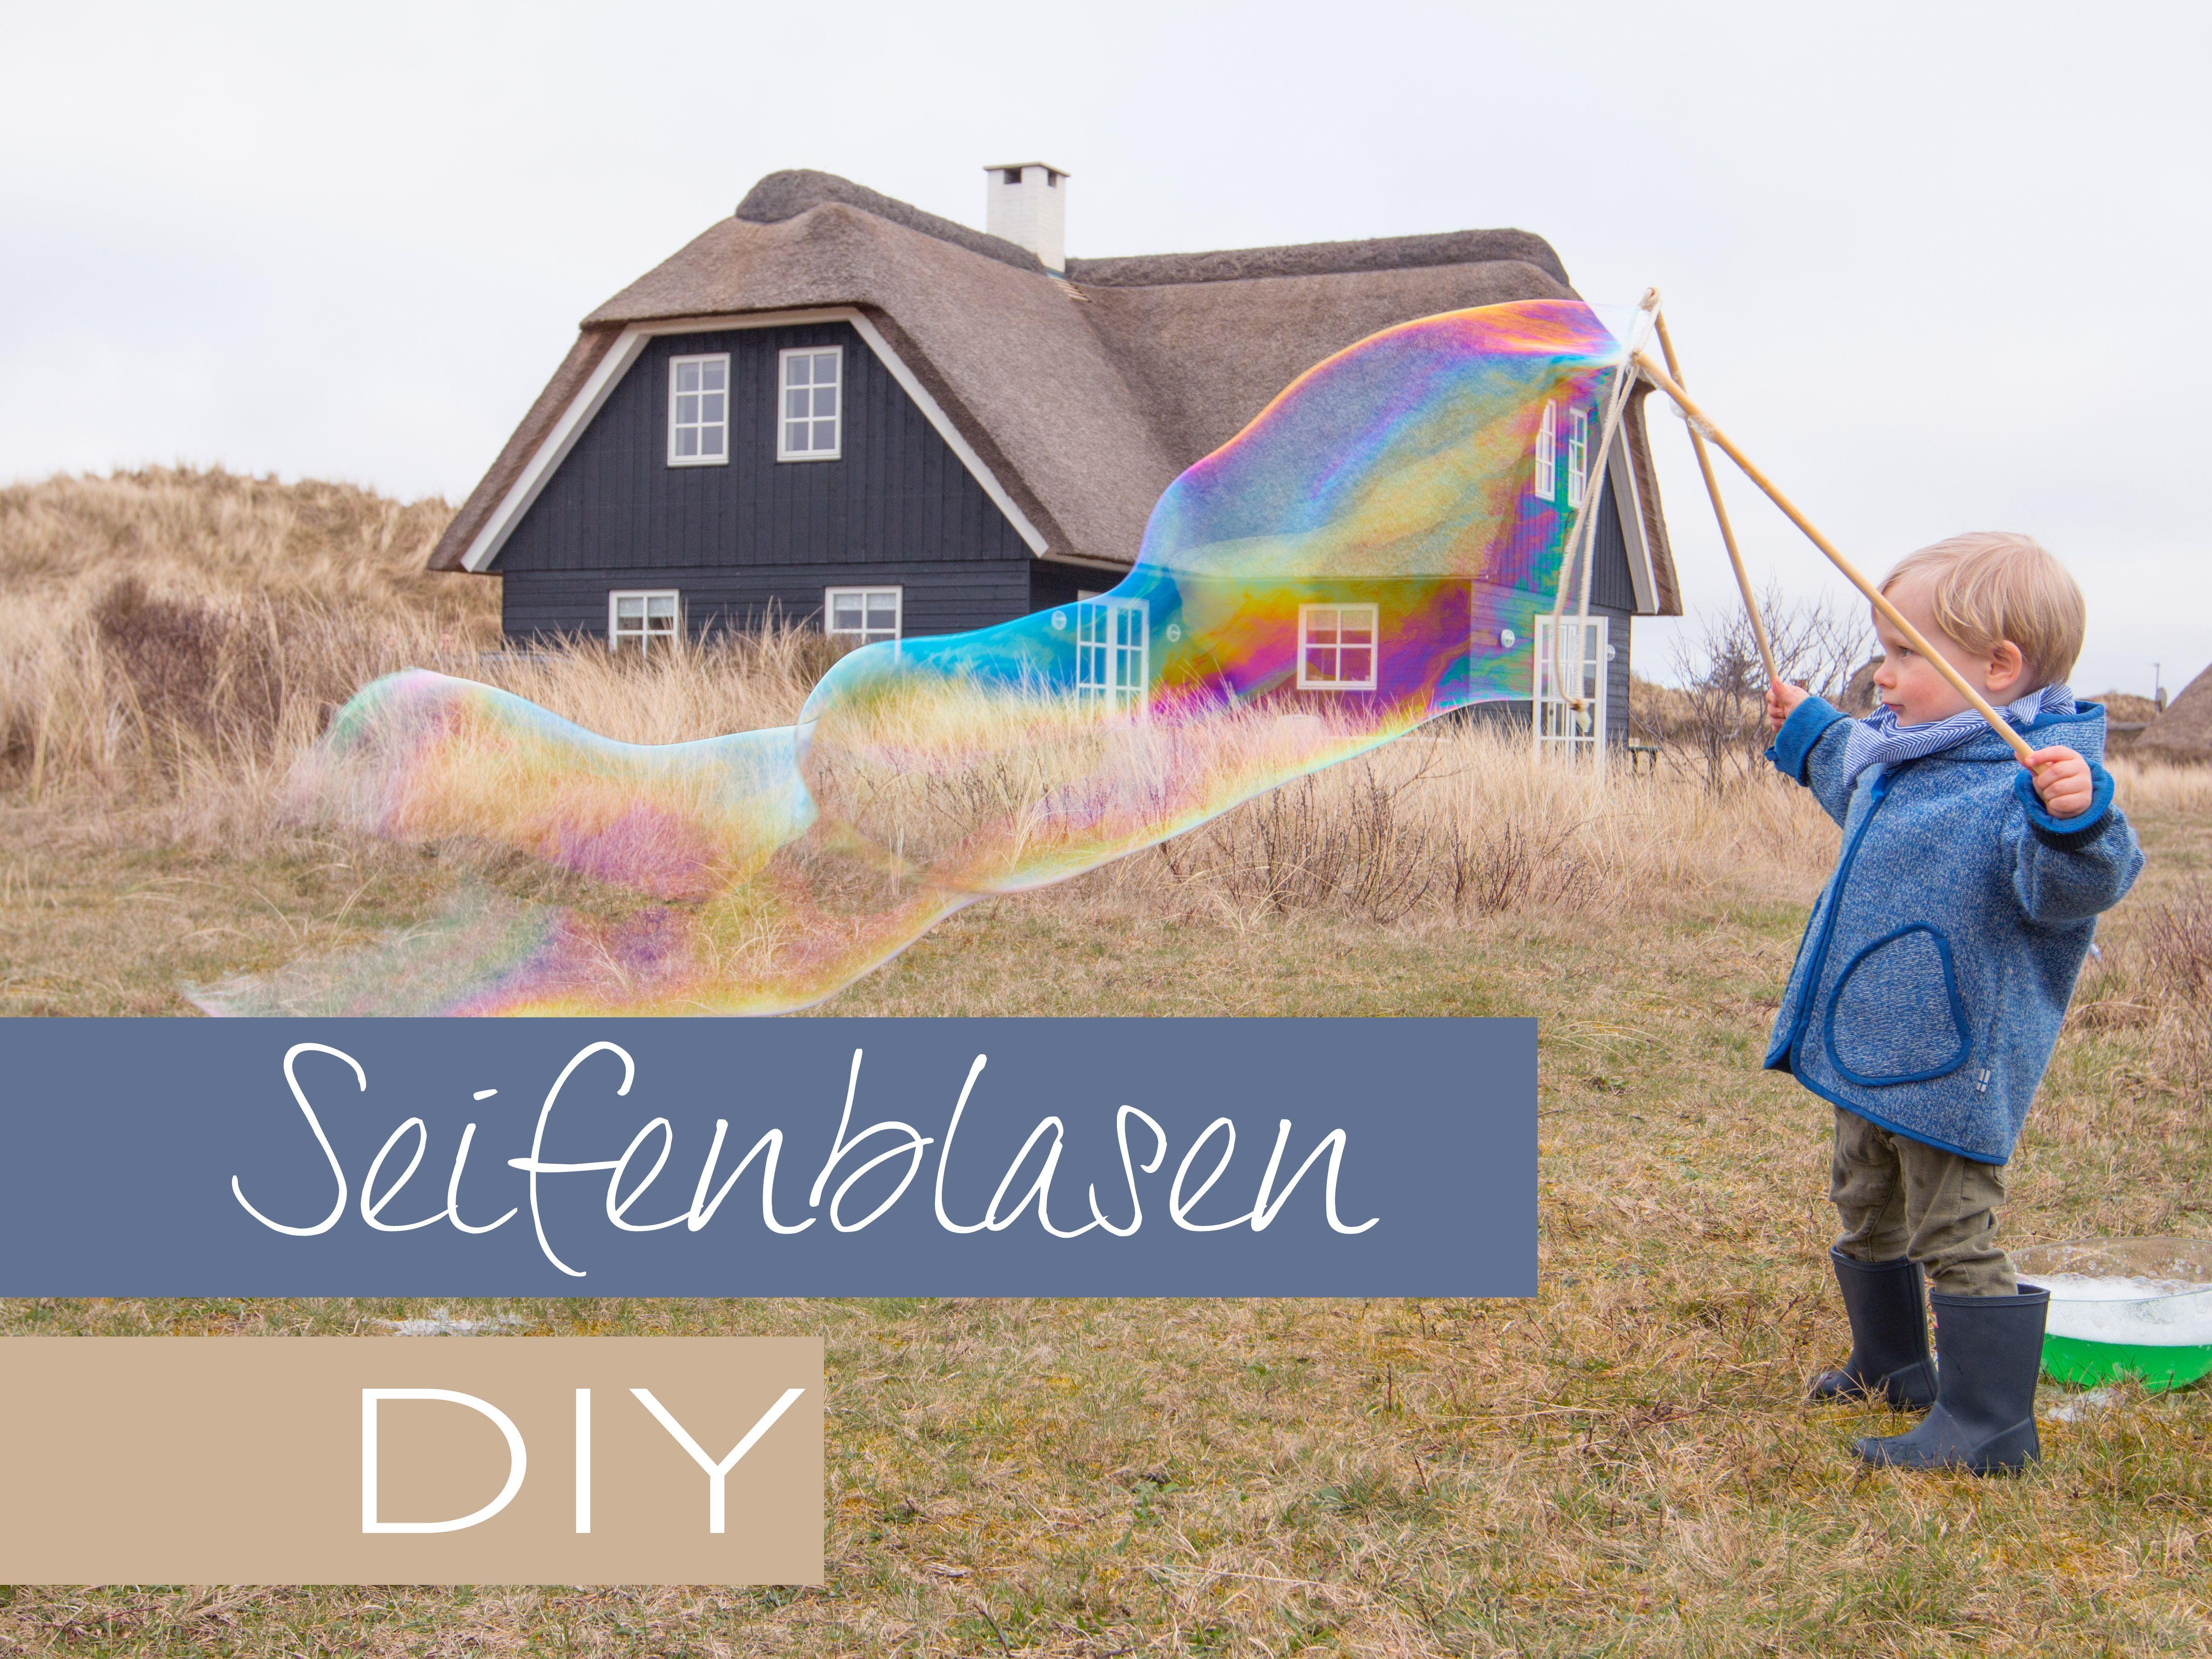 Riesenseifenblasen Diy  Riesenseifenblasen sleber maschen ein DIY für